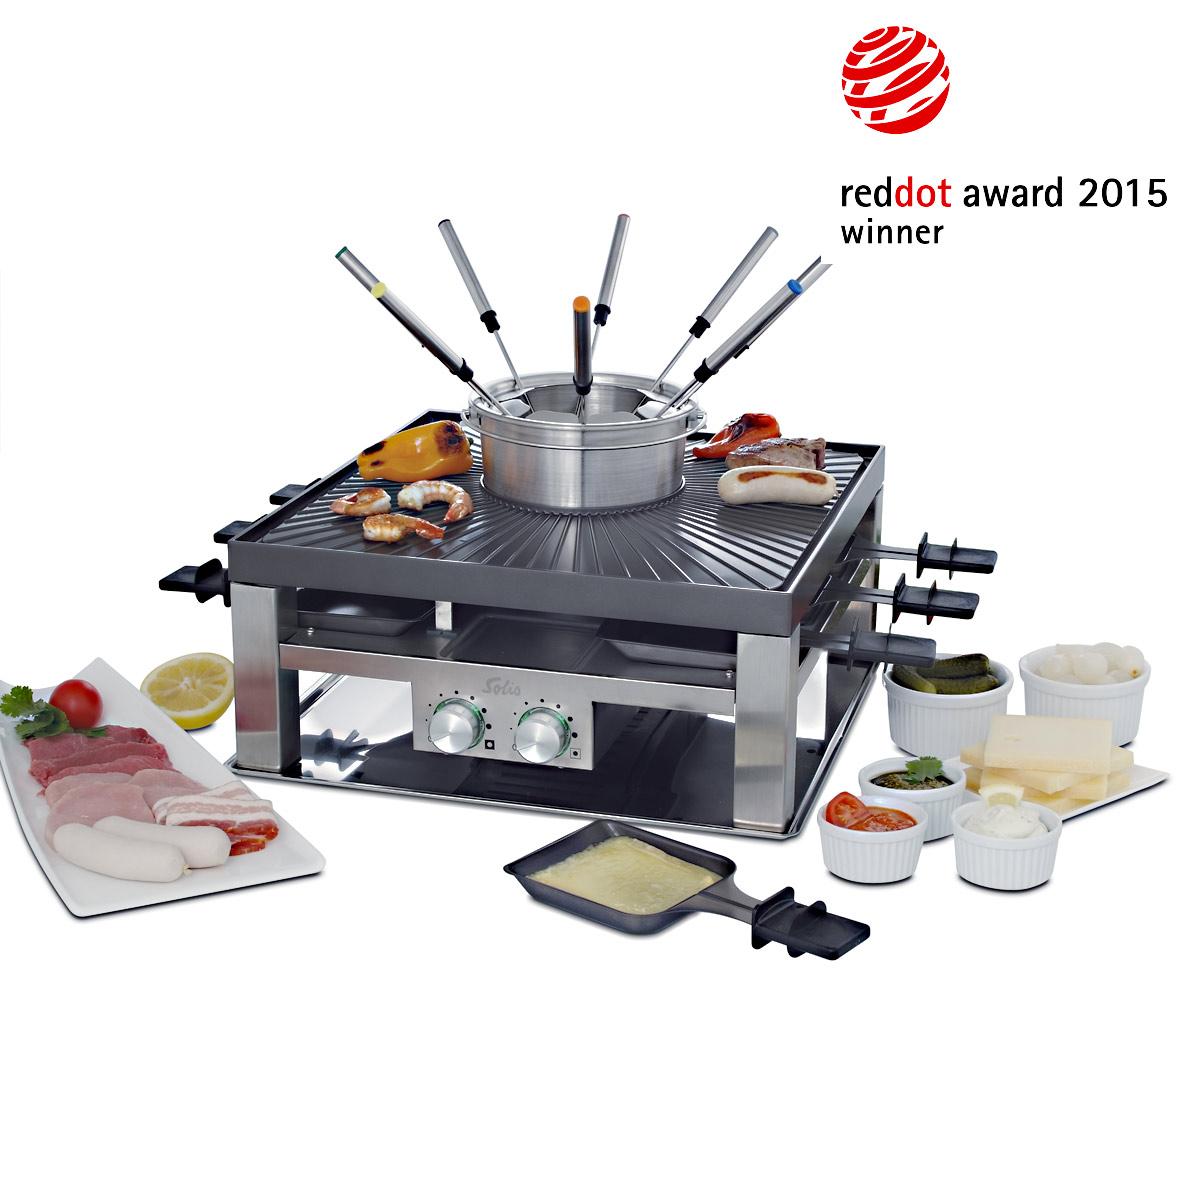 Solis Combi-Grill 3 in 1 für Raclette, Tischgrill und Fleischfondue